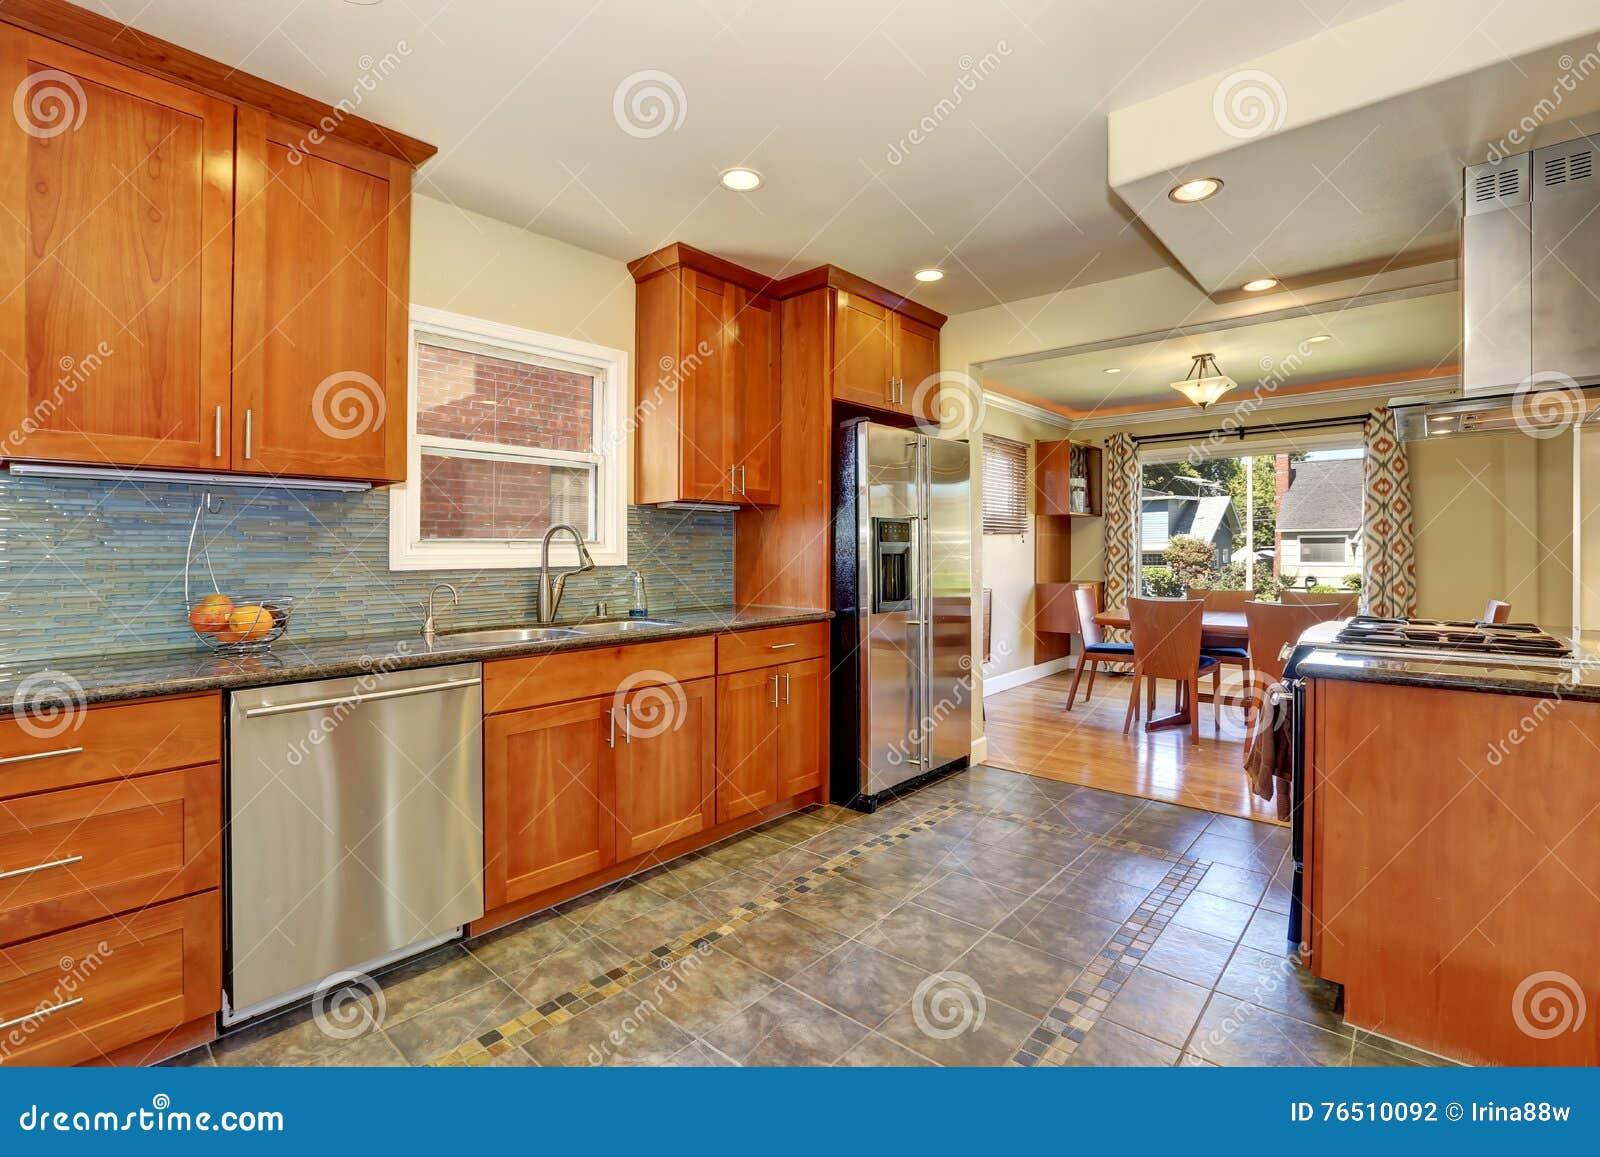 Kücheninnenraum Mit Fliesenbodenbelag Und Braunen Kabinetten ...